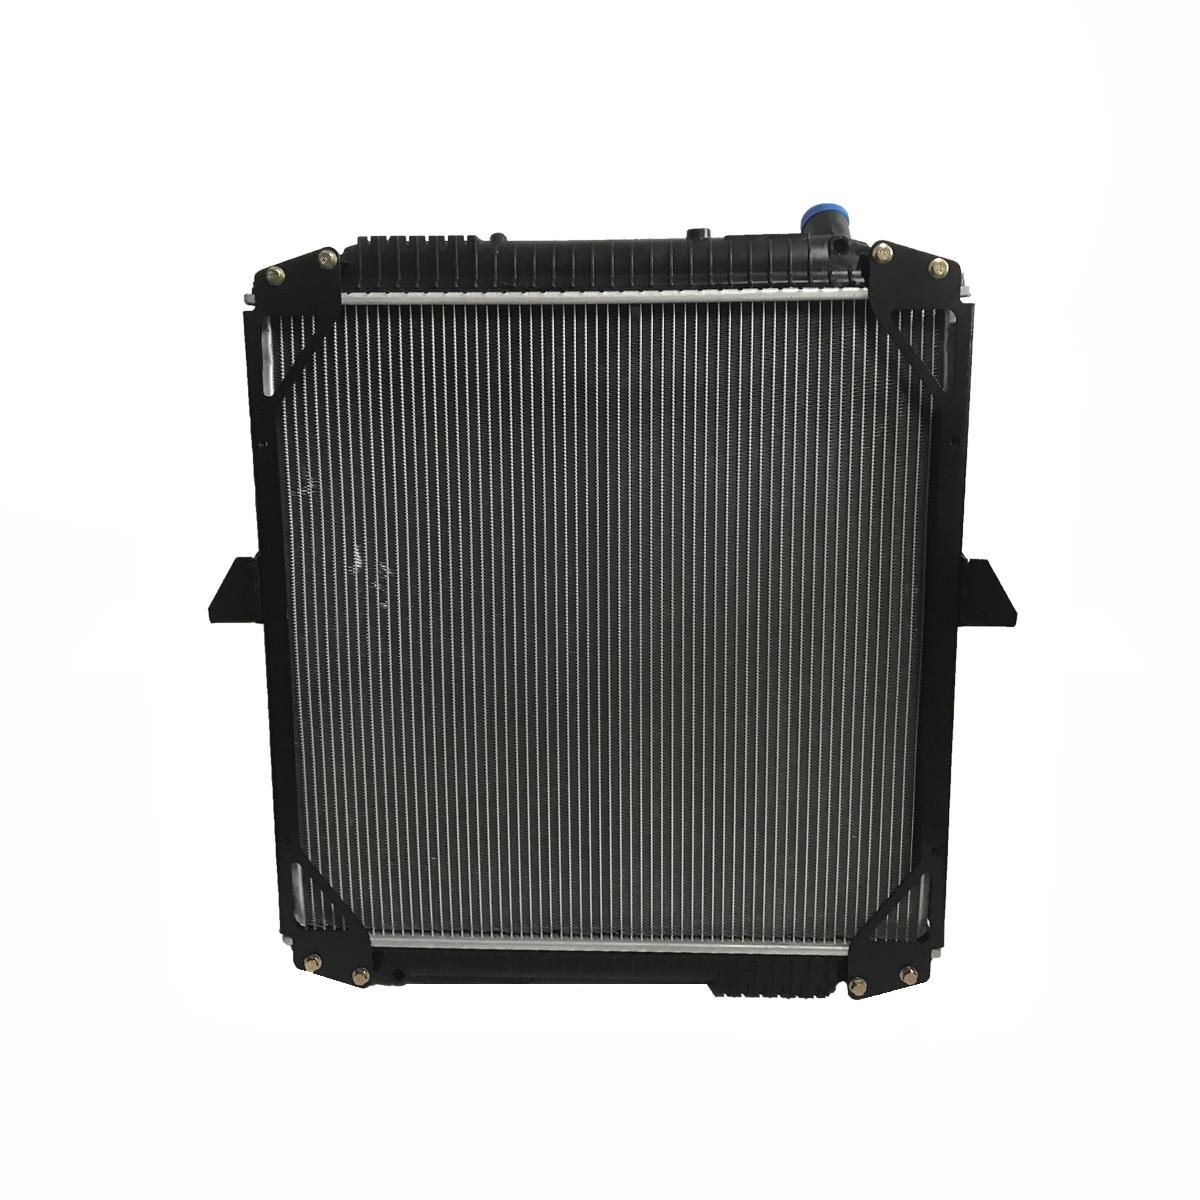 Radiador de Água Mercedes Benz L1622 (OF1722) 617X616X47 - 2-952 / 1620 Eletronico